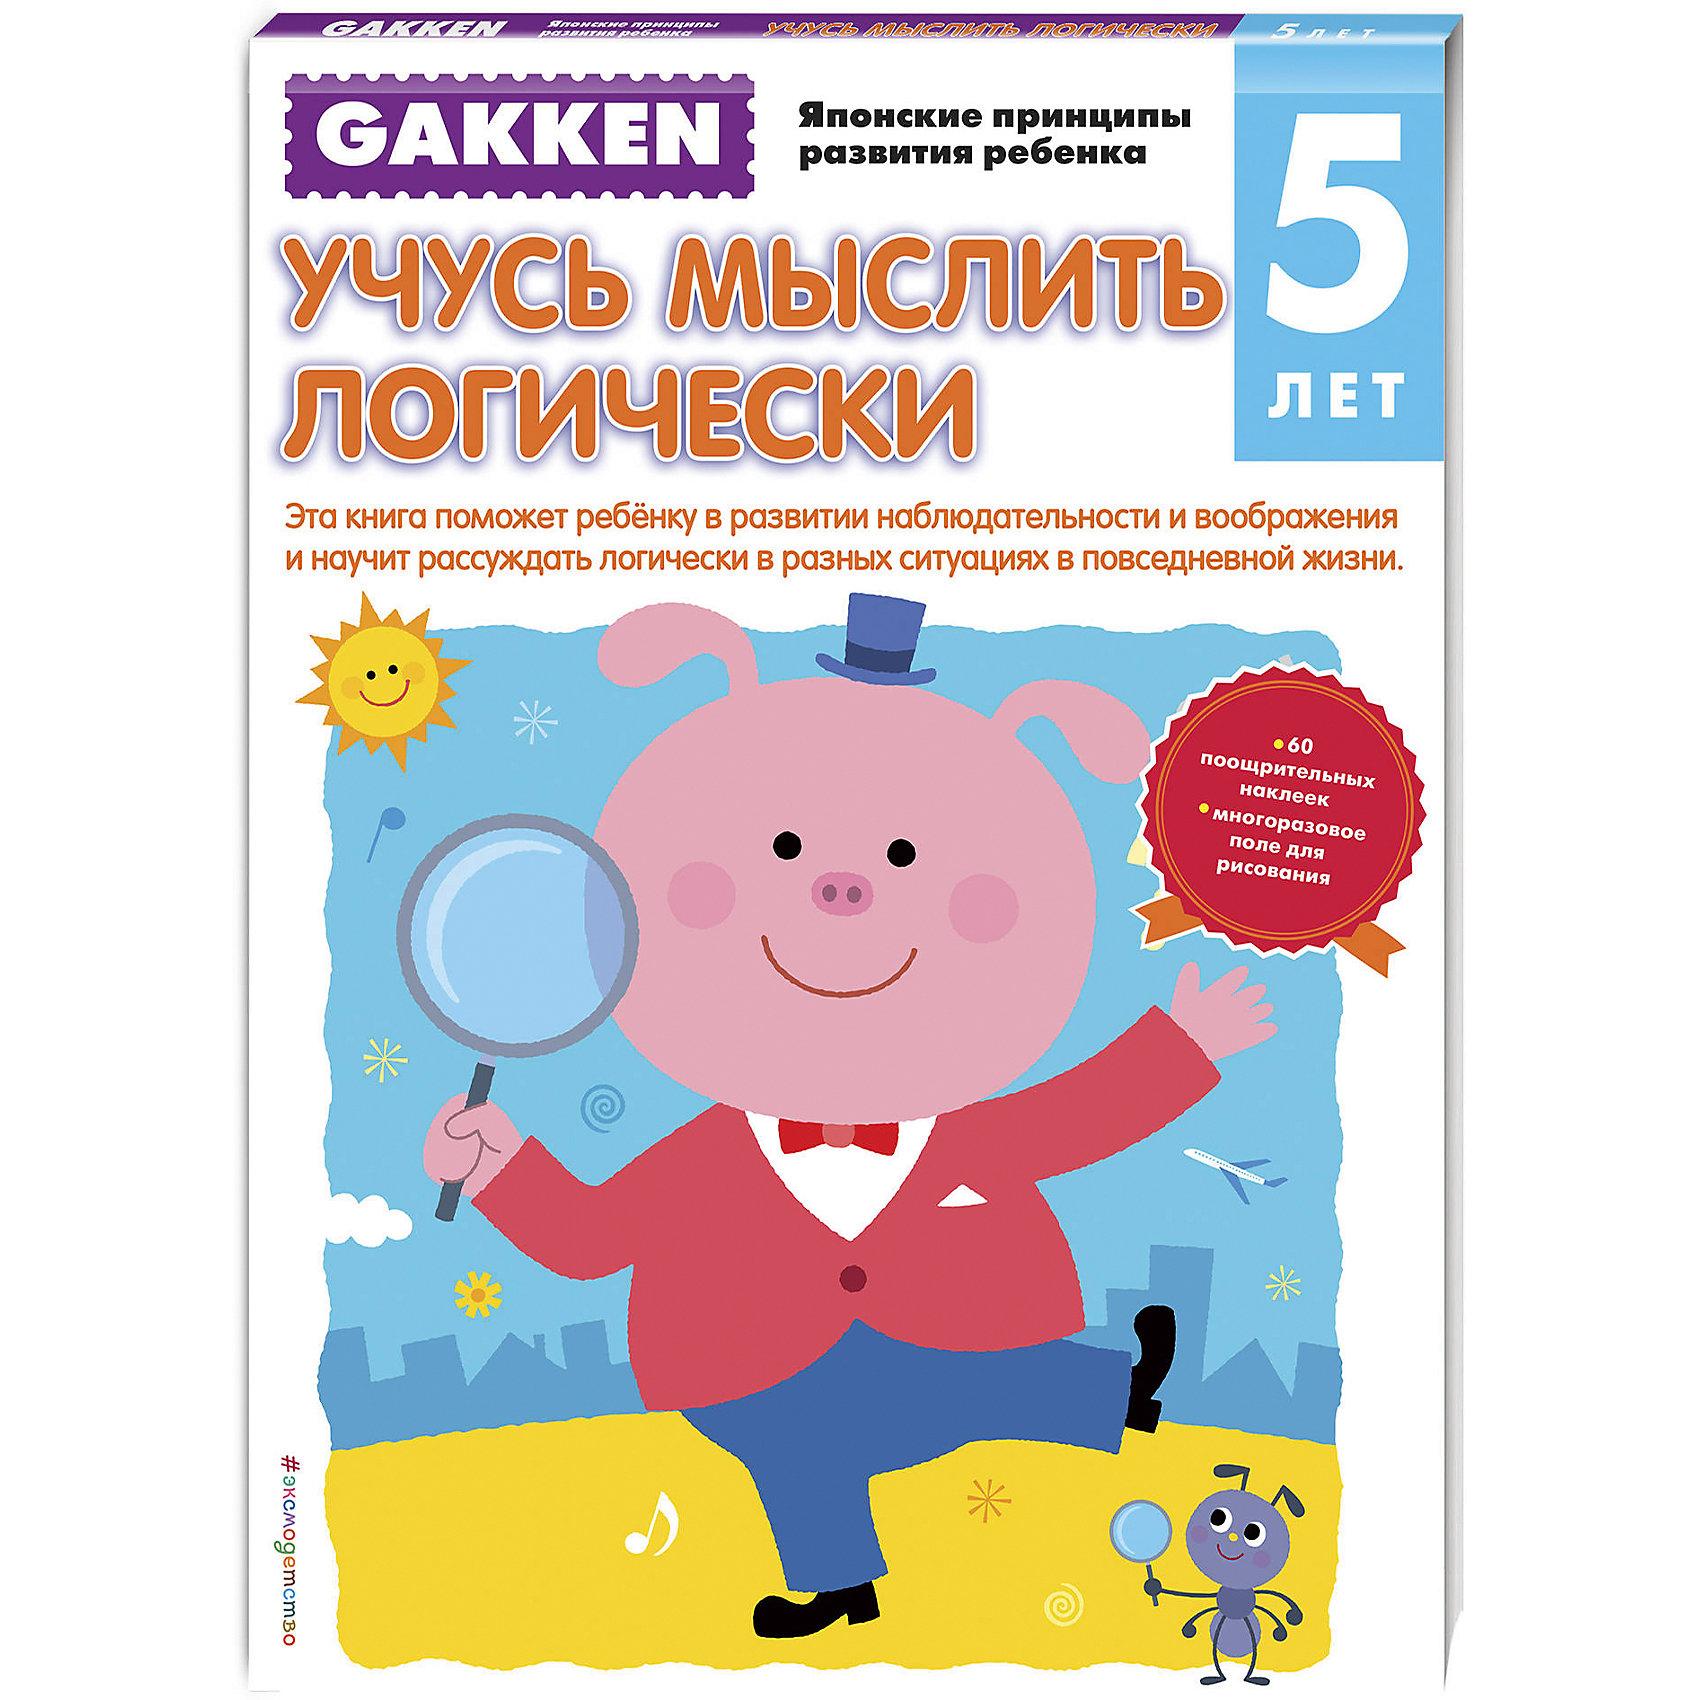 Учусь мыслить логически, 5+, GakkenКниги для развития мышления<br>Книга «5+ Учусь мыслить логически» поможет родителям научить ребенка сравнивать объёмные фигуры, ориентироваться в пространстве, определять, что находится справа, что слева, определять взаимное расположение предметов, определять логические последовательности. <br><br>Занимаясь по рабочим тетрадям «GAKKEN Японские принципы развития ребенка» вы через некоторое время сами убедитесь в том, что  без нервотрепки и утомительных скучных занятий  ваш ребенок может:<br>•Самостоятельно находить решения довольно сложных задач, в том числе пространственных<br>•Логически рассуждать и принимать решения<br>•Не просто считать, но и понимать математическую логику счета и решения задач<br>•Правильно держать карандаш и фломастер<br>•Рисовать, раскрашивать, проводить разные линии<br>•Управляться с ножницами и клеем<br>•Делать по образцу и даже придумывать сам аппликации и другие поделки из бумаги<br><br>Ширина мм: 320<br>Глубина мм: 230<br>Высота мм: 10<br>Вес г: 285<br>Возраст от месяцев: 60<br>Возраст до месяцев: 72<br>Пол: Унисекс<br>Возраст: Детский<br>SKU: 6878129